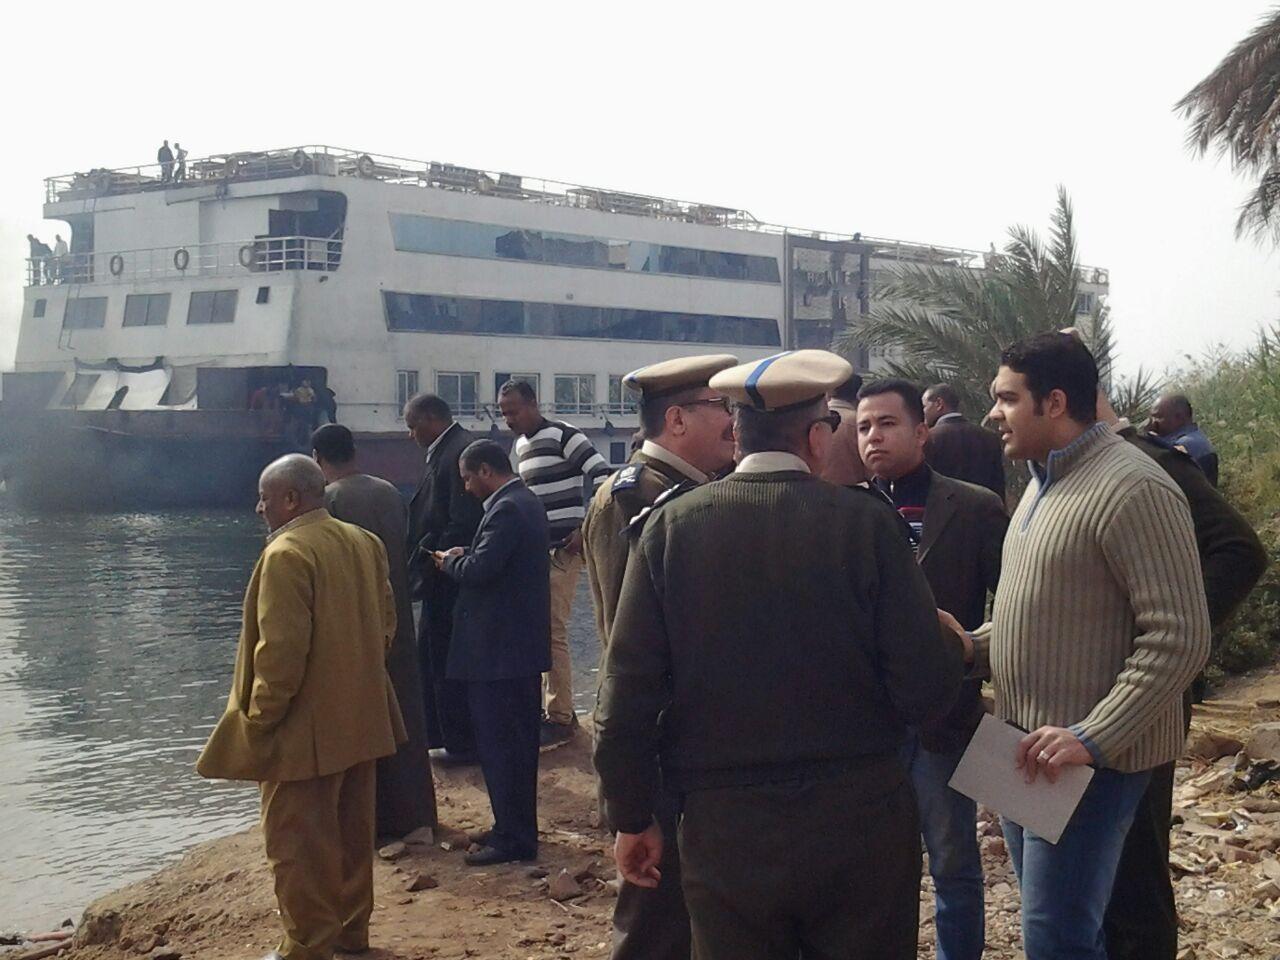 إخلاء 73 سائحًا من باخرة سياحية فى أسوان بعد تصاعد الأدخنة من غرفة المحركات